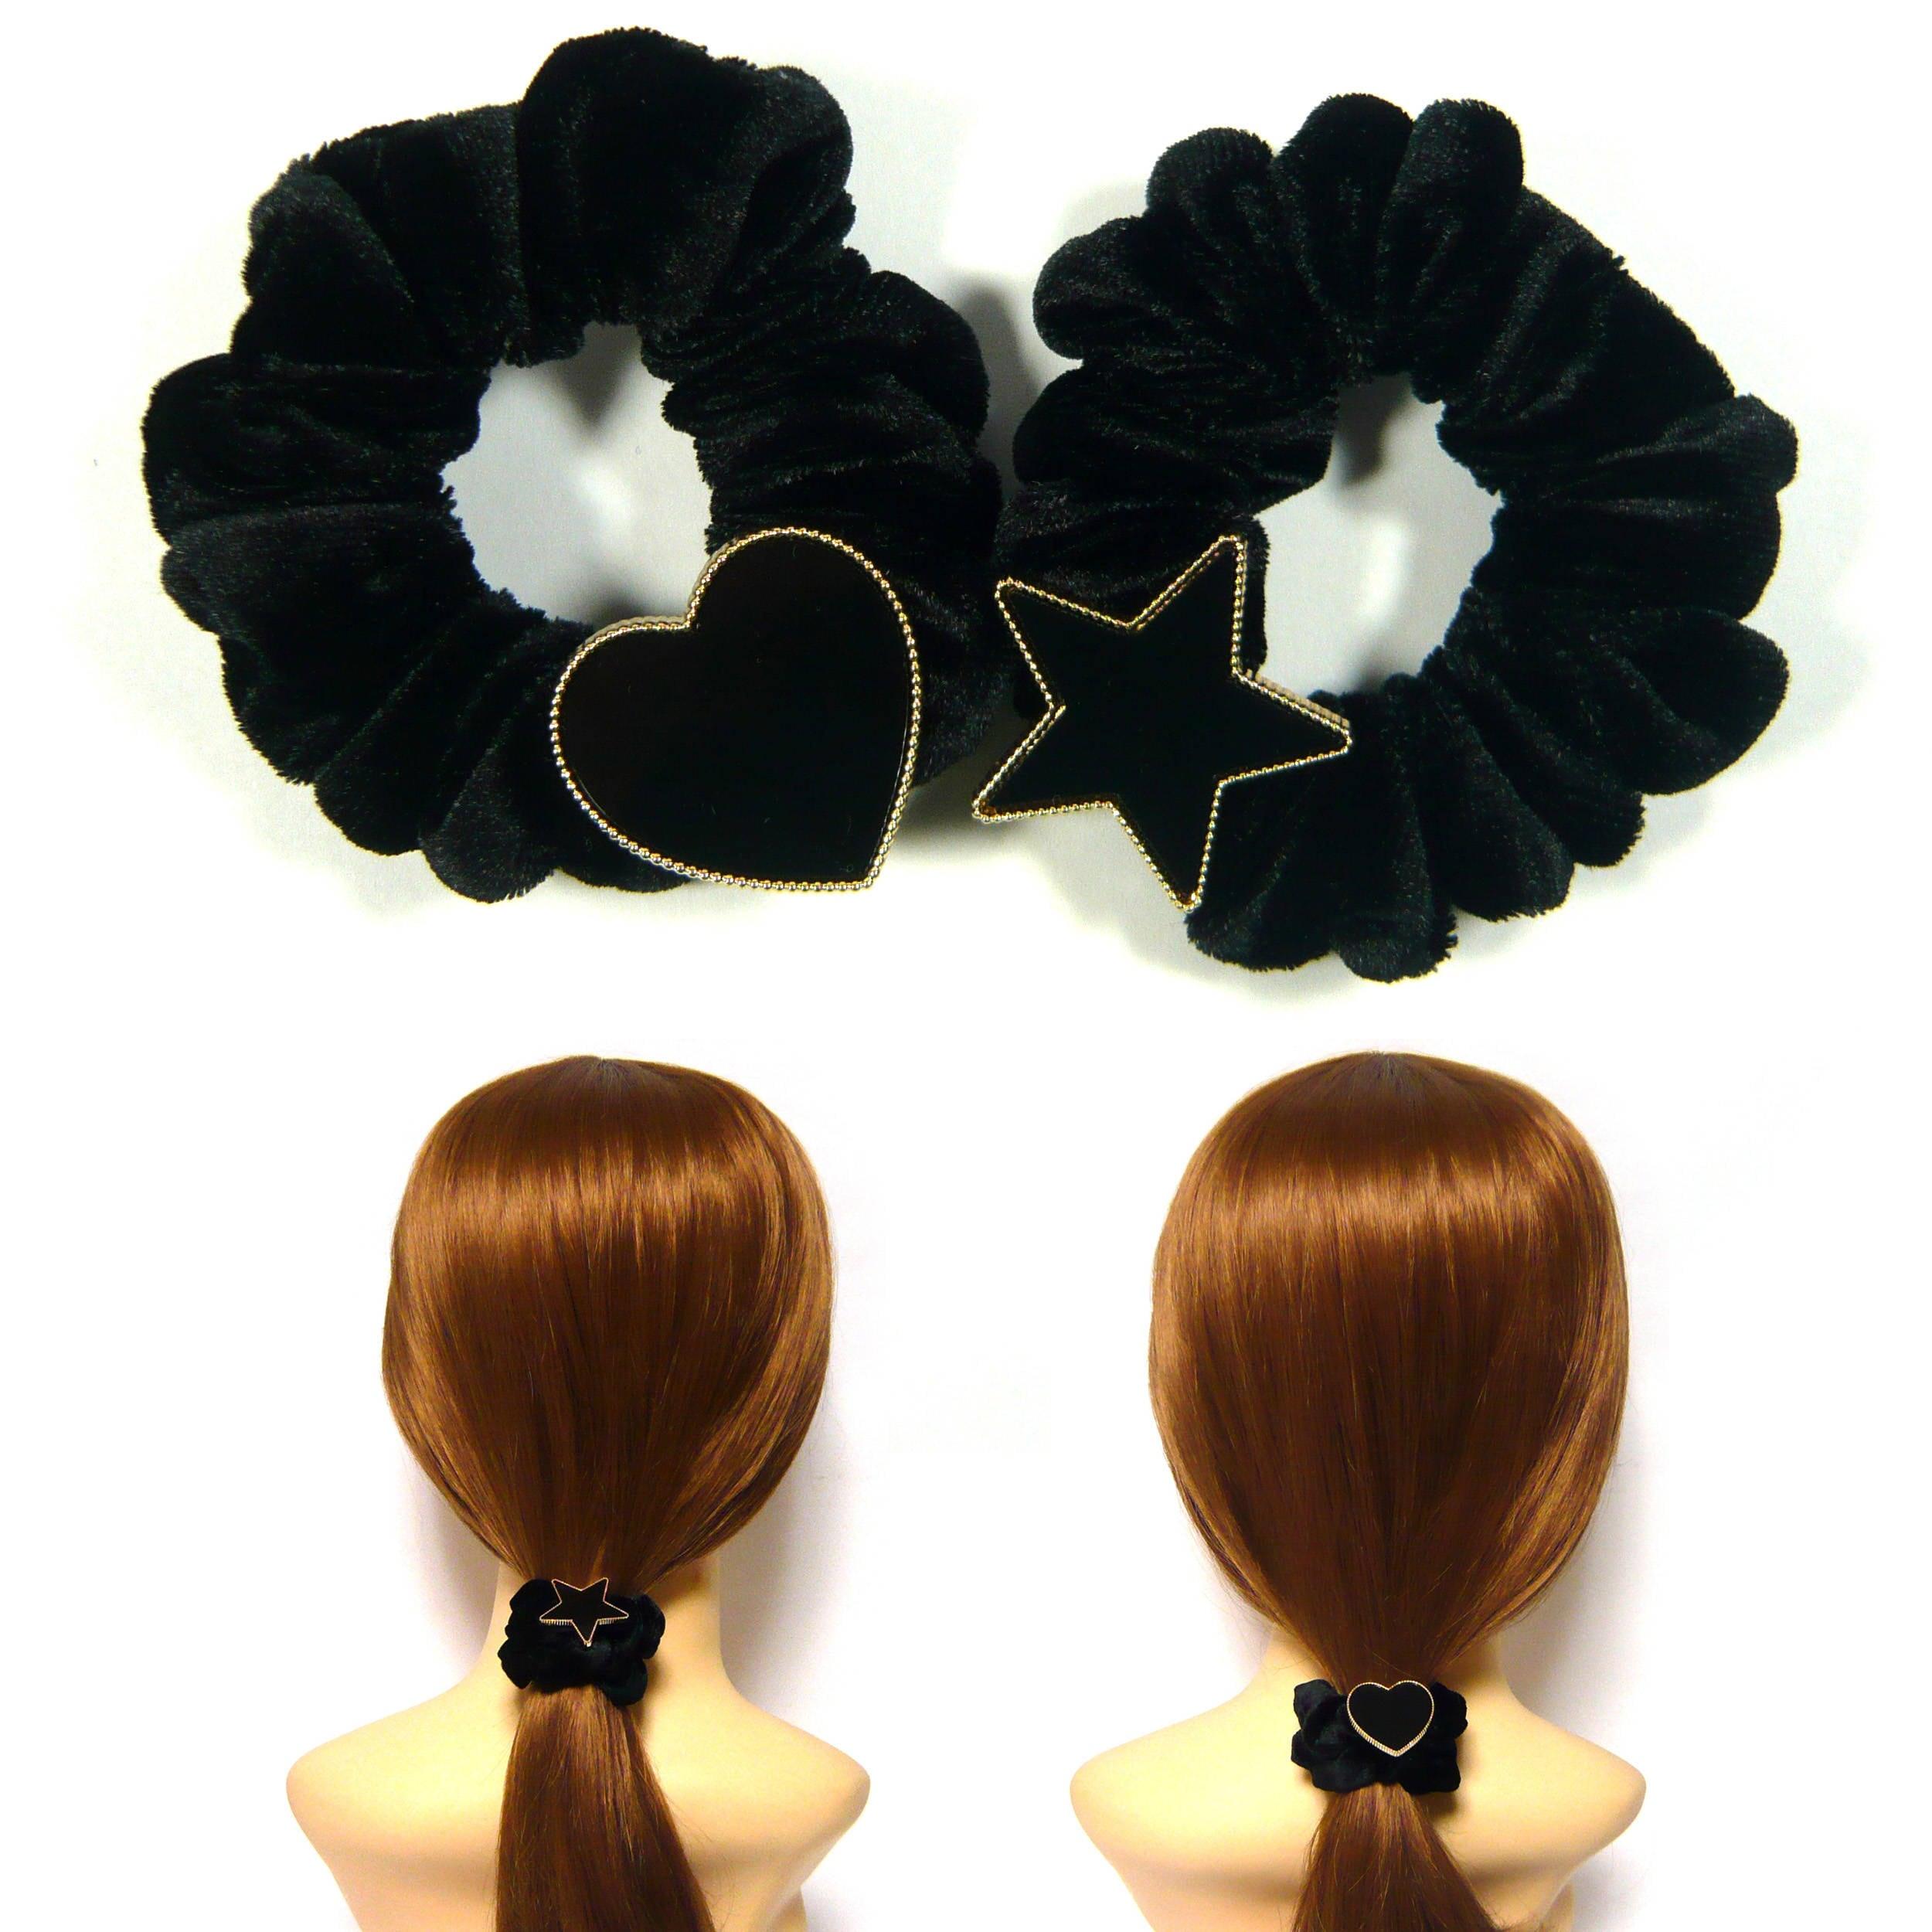 Black Acrylic Plastic Star Heart Soft Velvet Scrunchie  5c425bf5e70